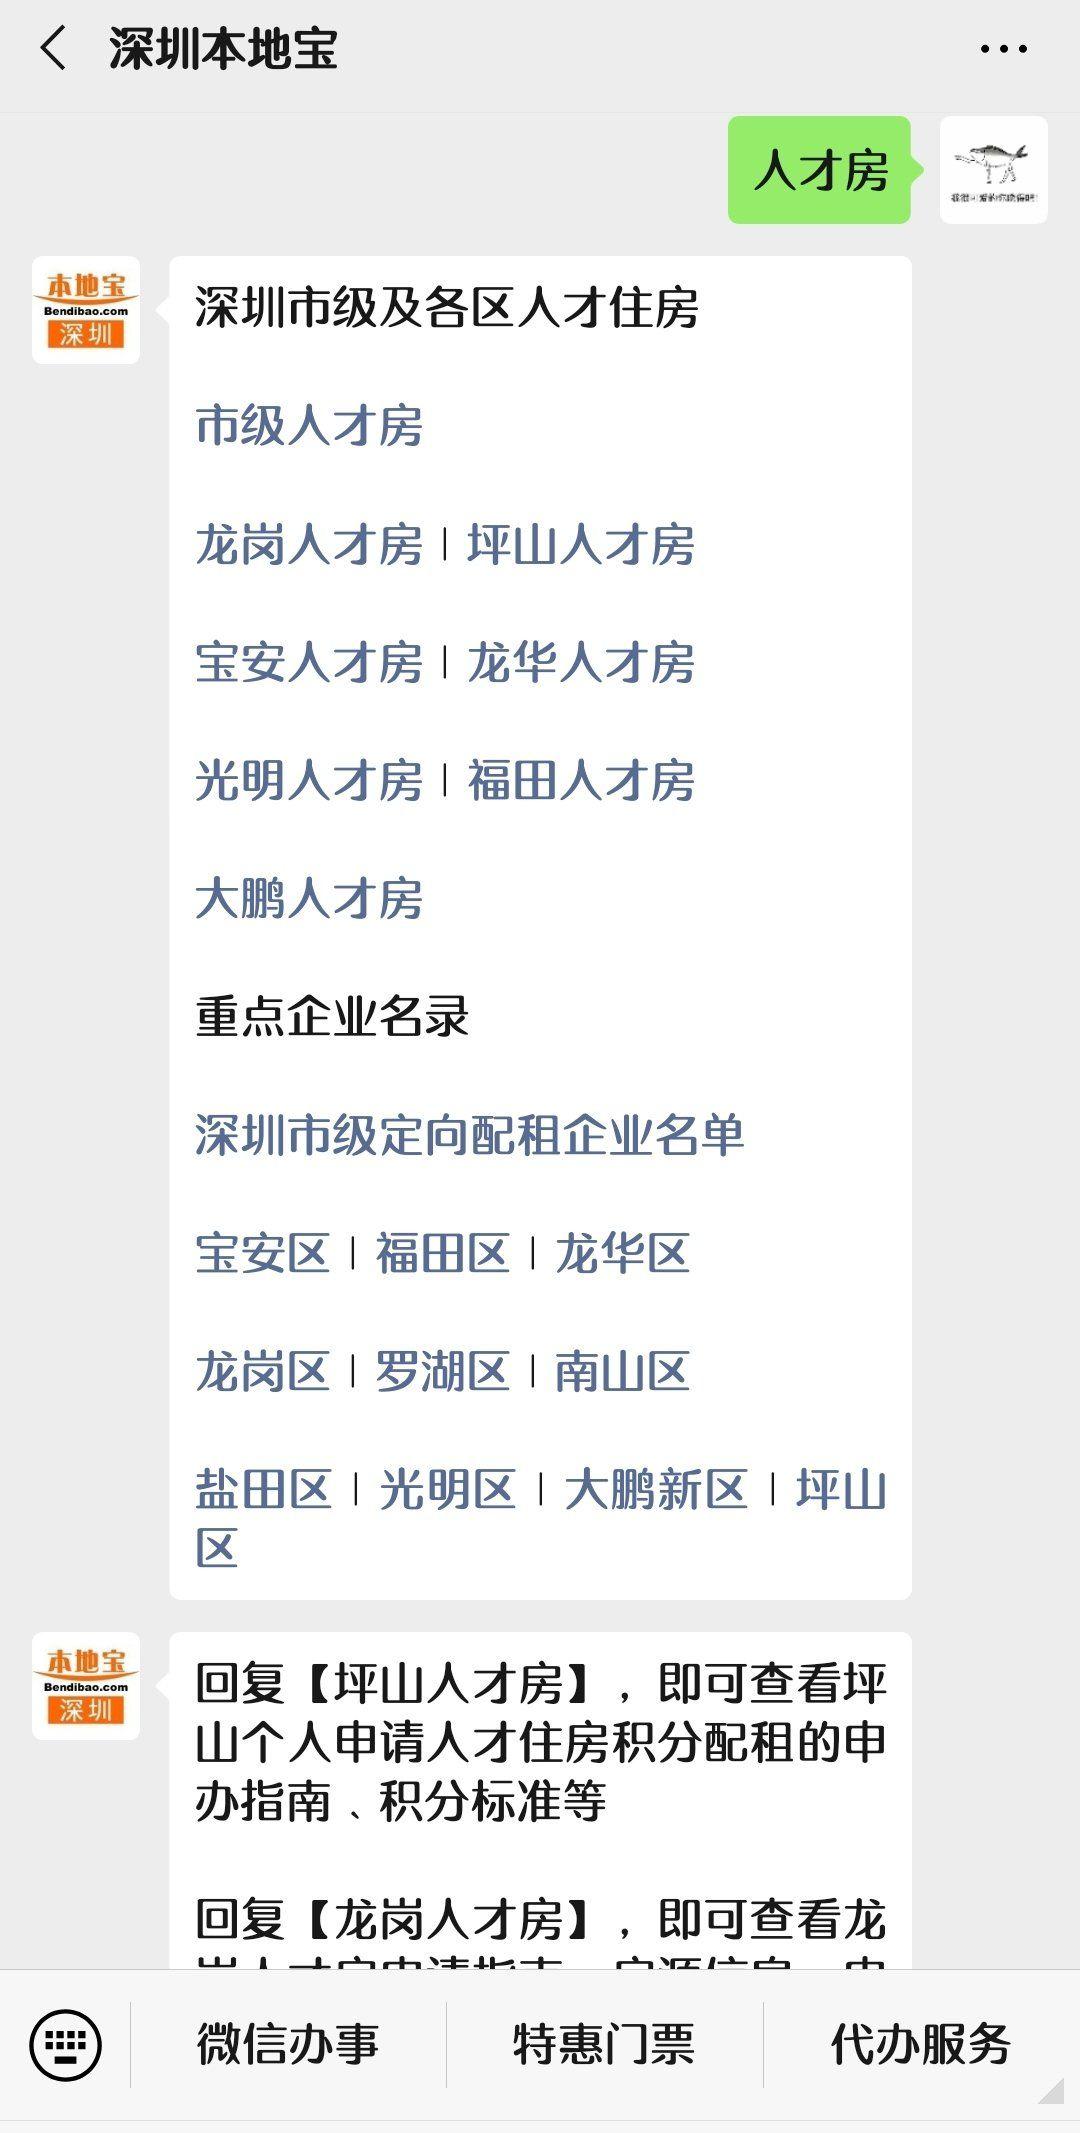 2020深圳前海人才房租金标准+物业解决费